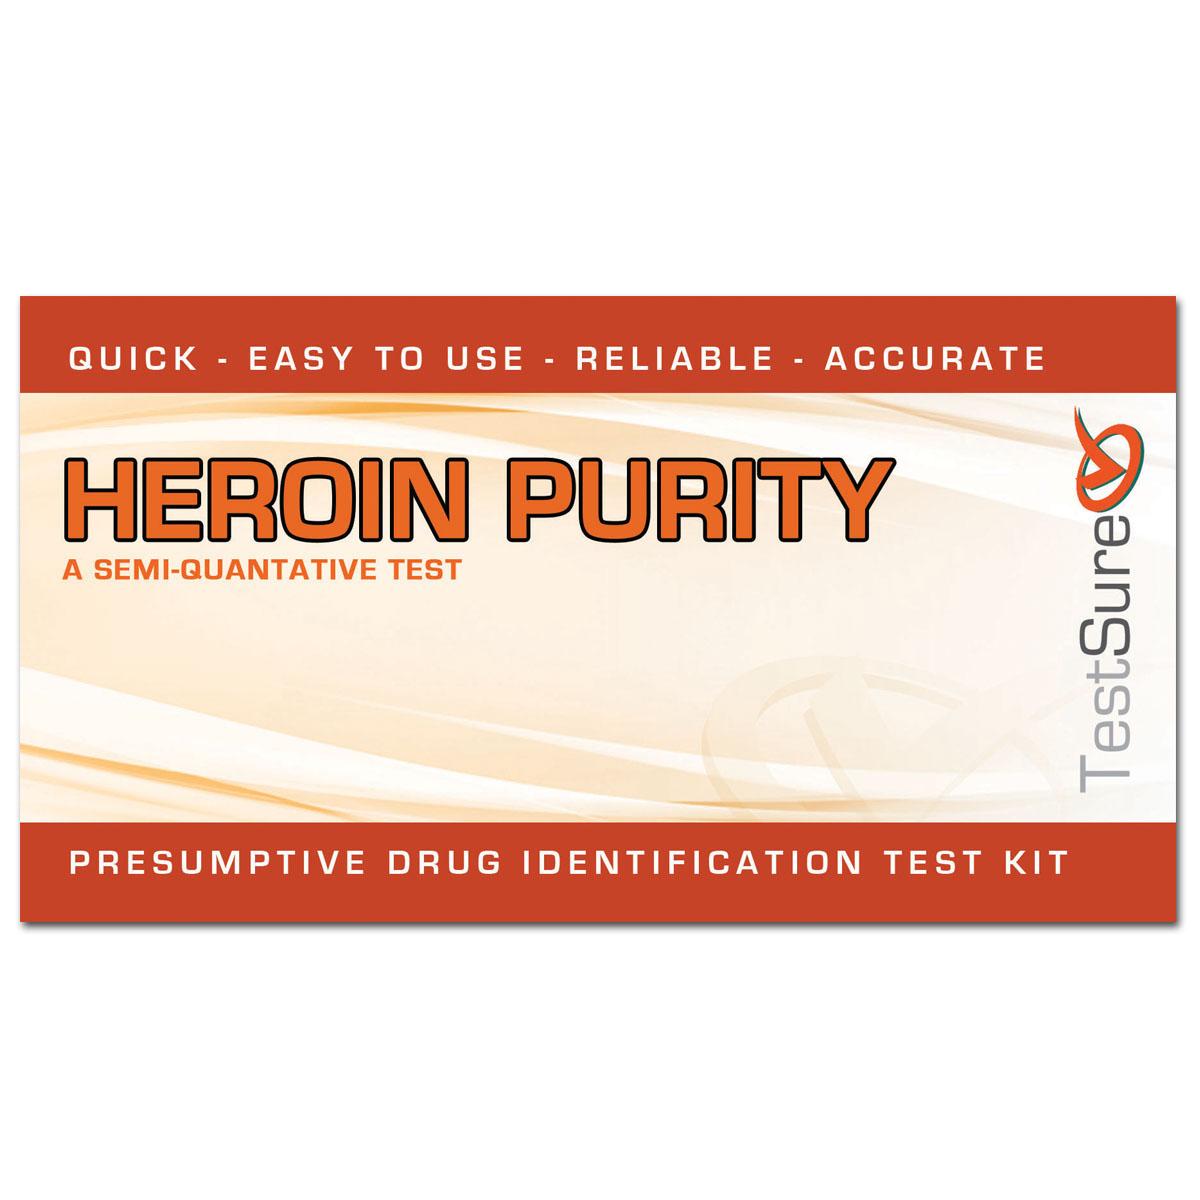 heroin purity test kit